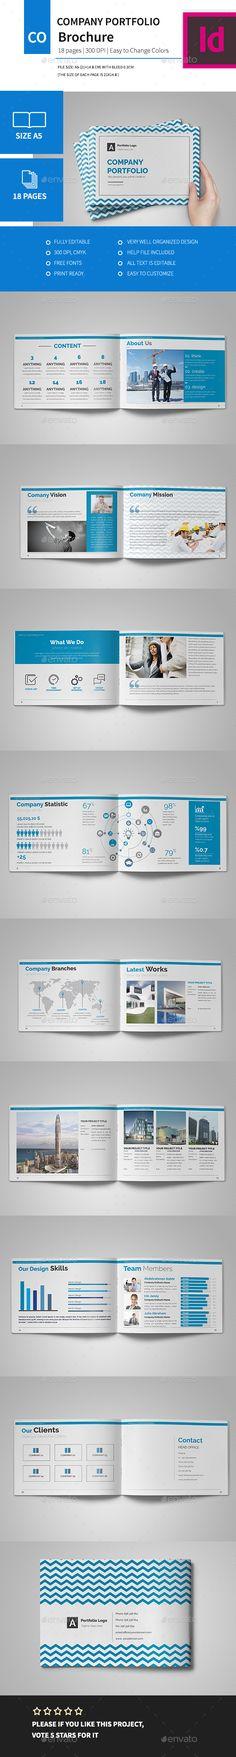 Company Portfolio Brochure Indd 2016 Brochures, Brochure - company portfolio template